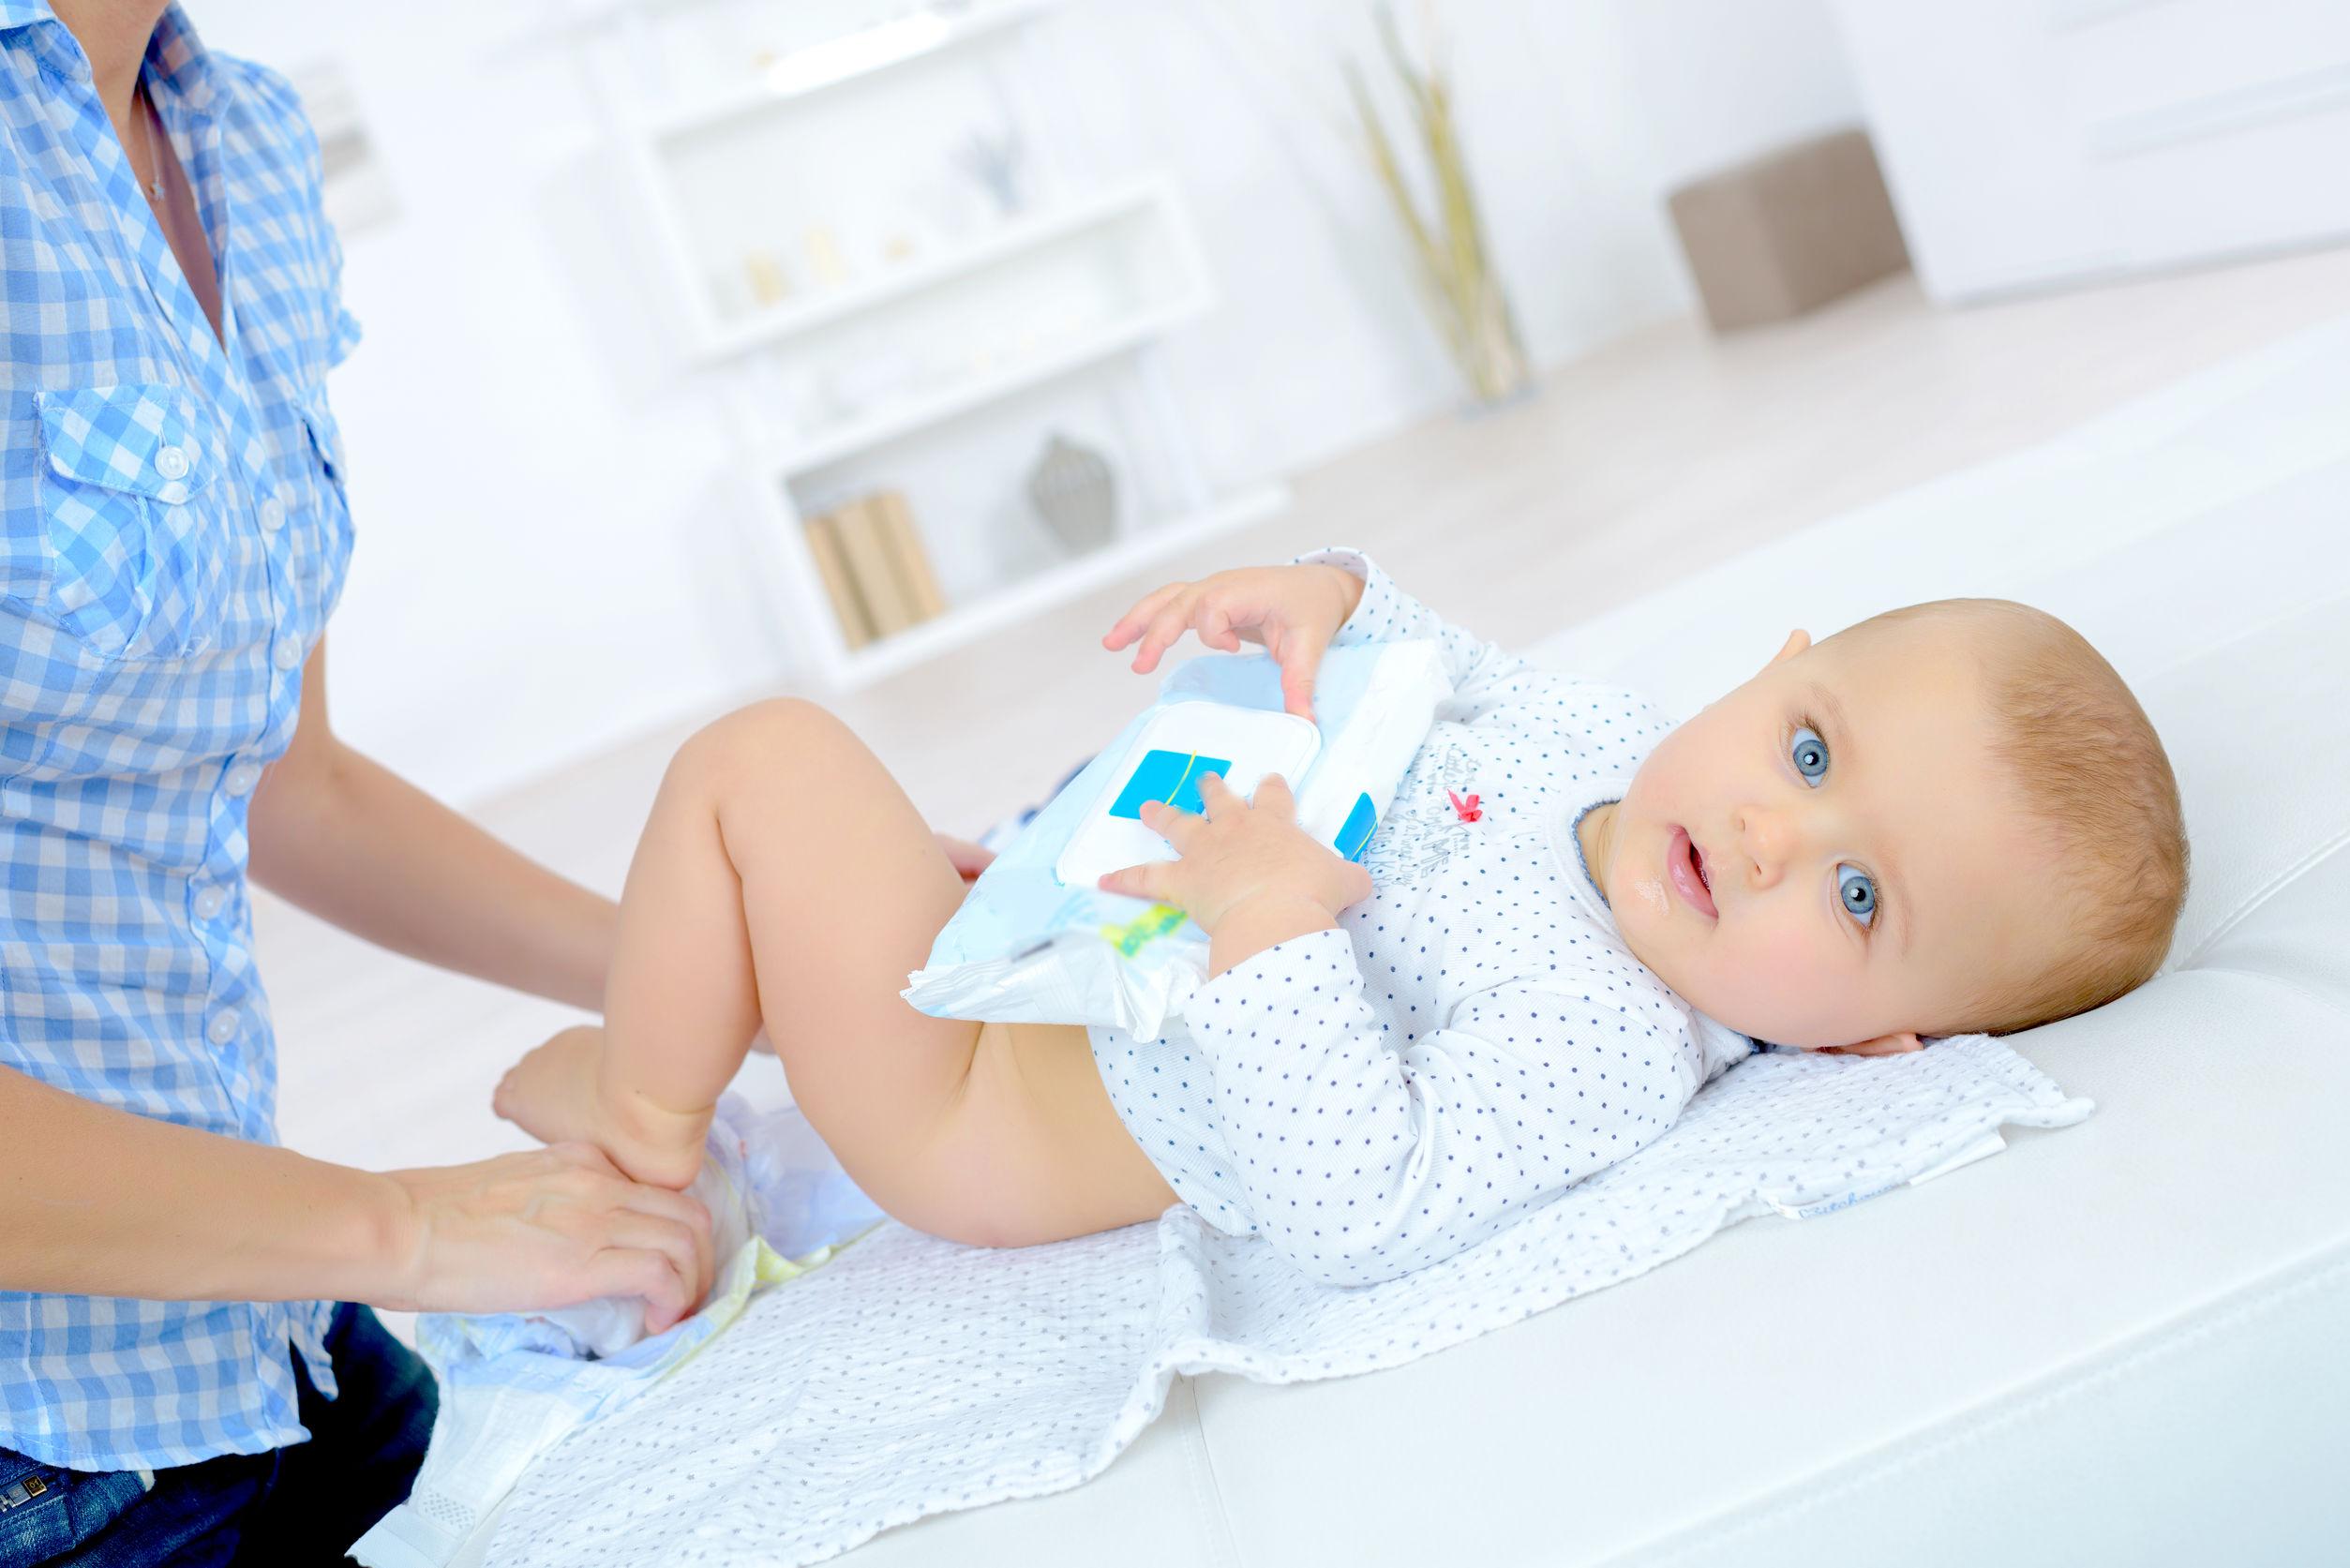 Imagem de uma mulher trocando a fralda de um bebê em uma superfície branca